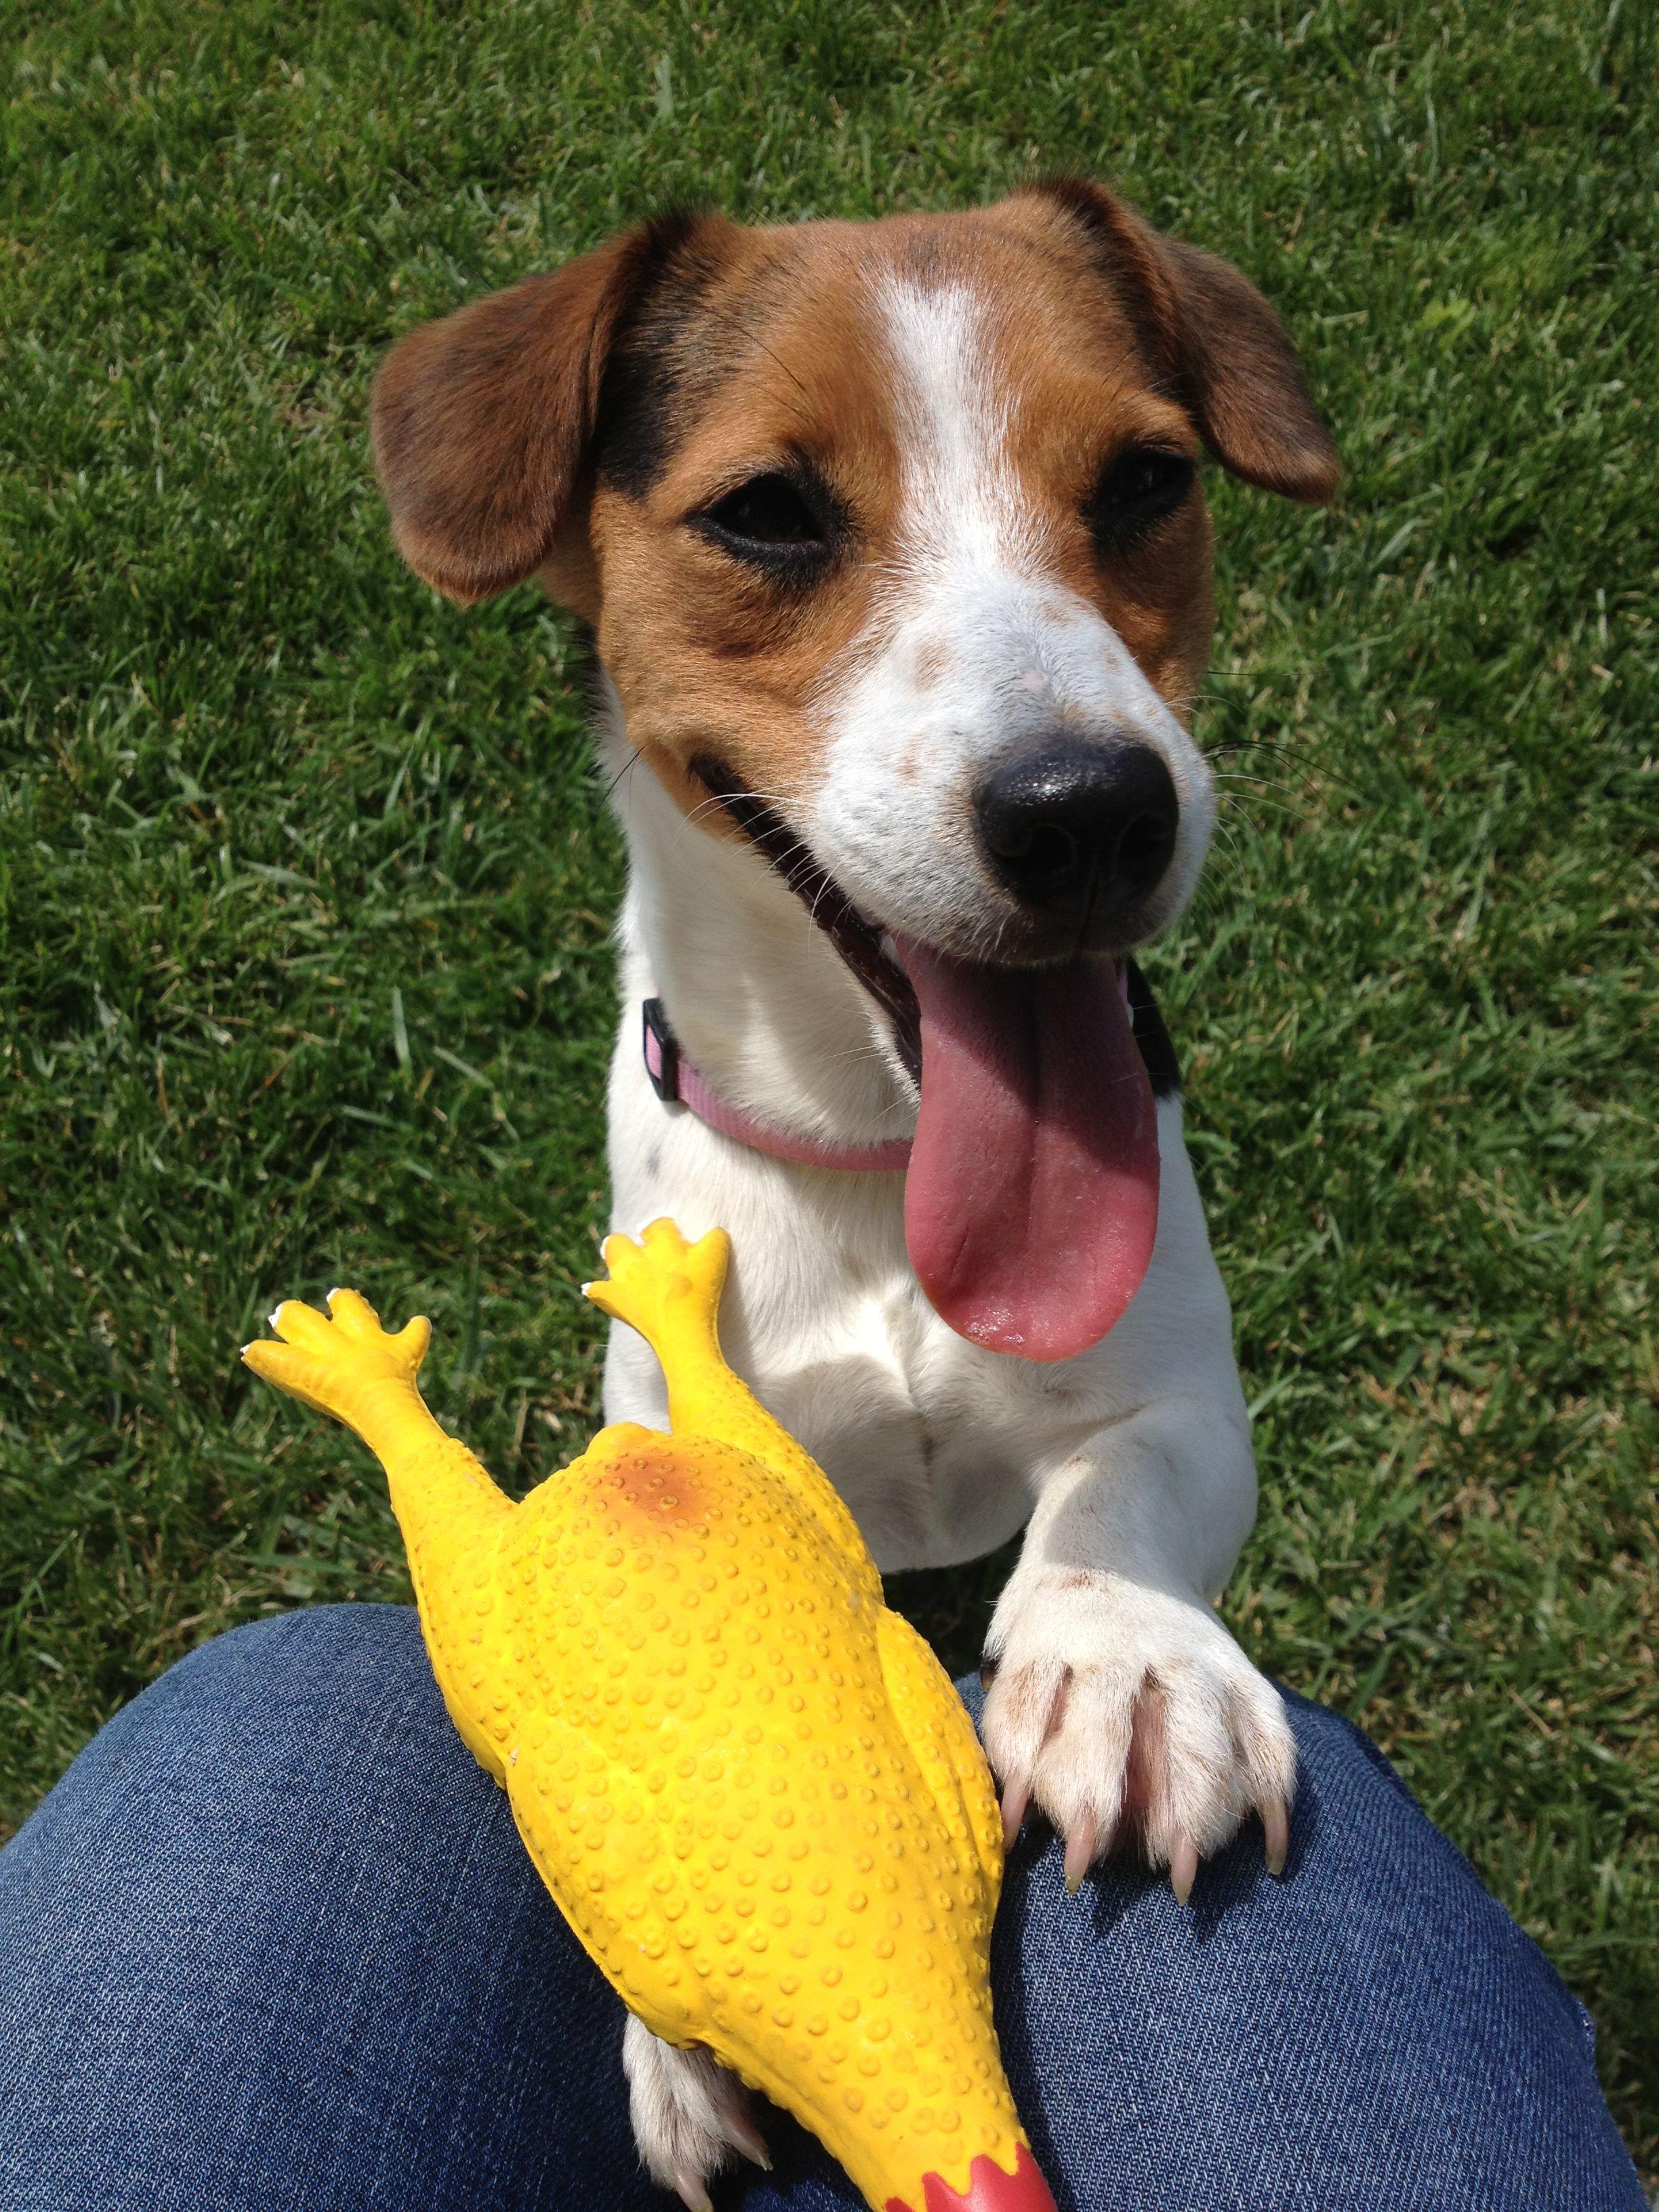 Margherita, cagnolina di Patrizia, è un'amica di Pet's Planet! #dog with #cicken #funny